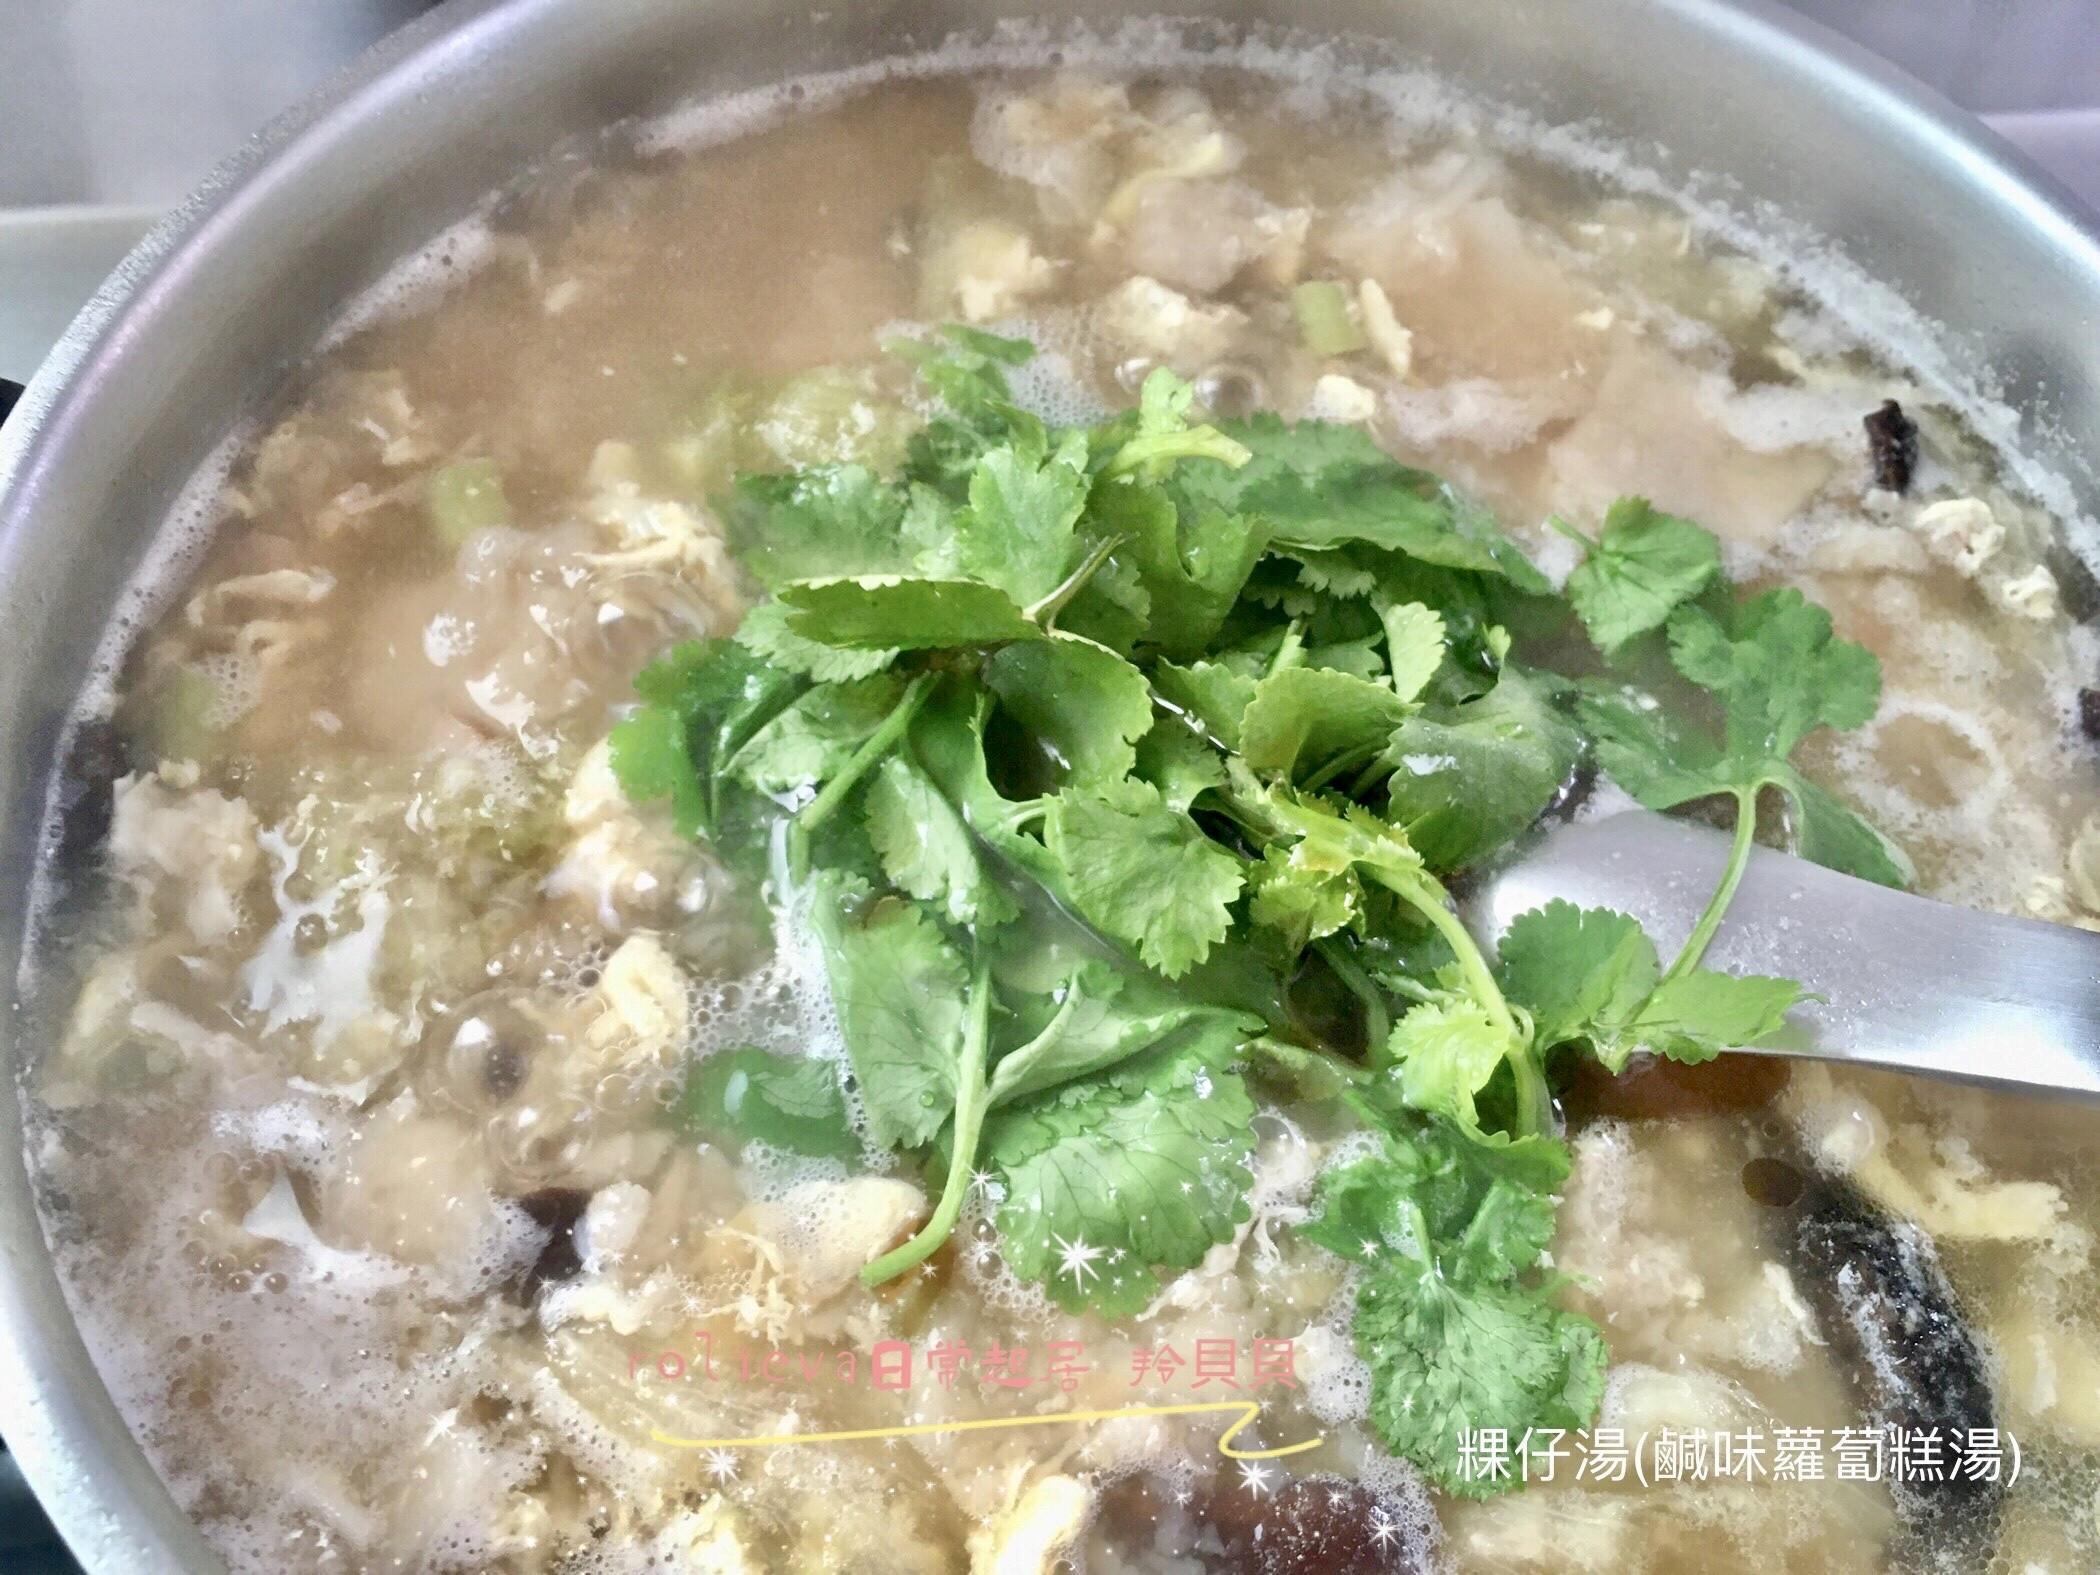 粿仔湯(鹹味蘿蔔糕湯)